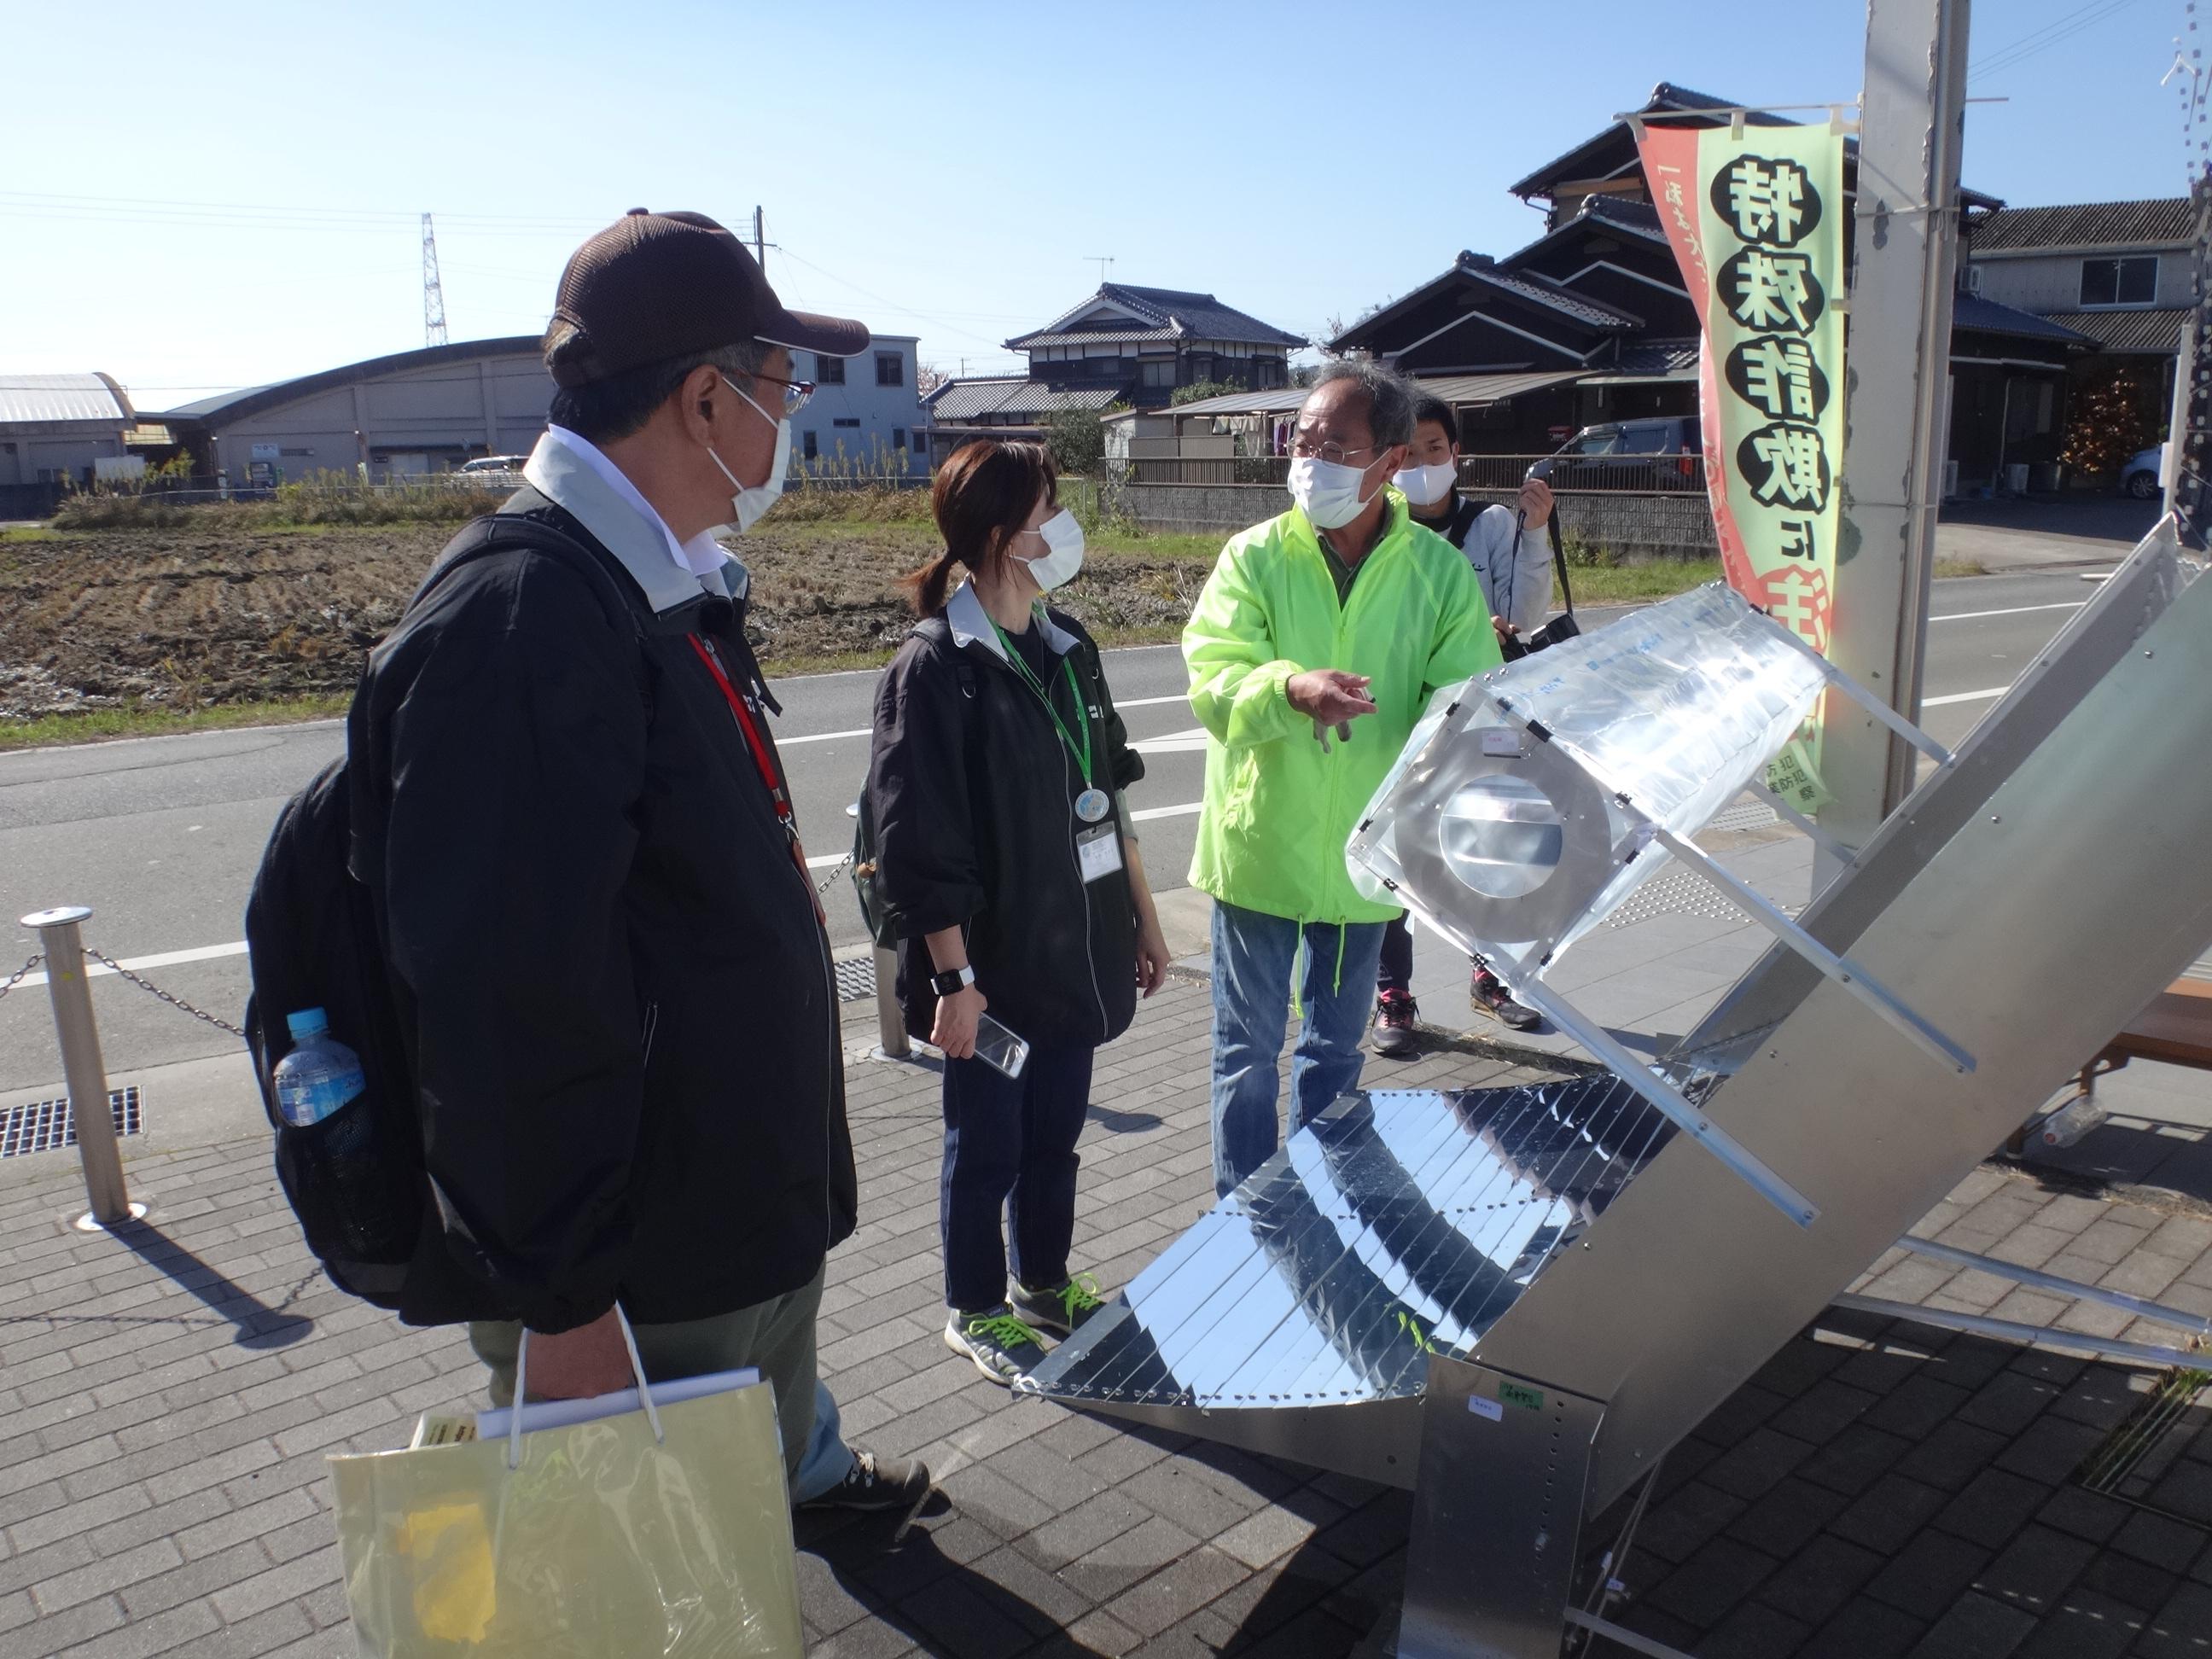 かいぼり終了後、公民館で太陽熱クッカー(代表:福寿さん)によるゆで卵を試食させていただきました。海外でも実演されているそうです。